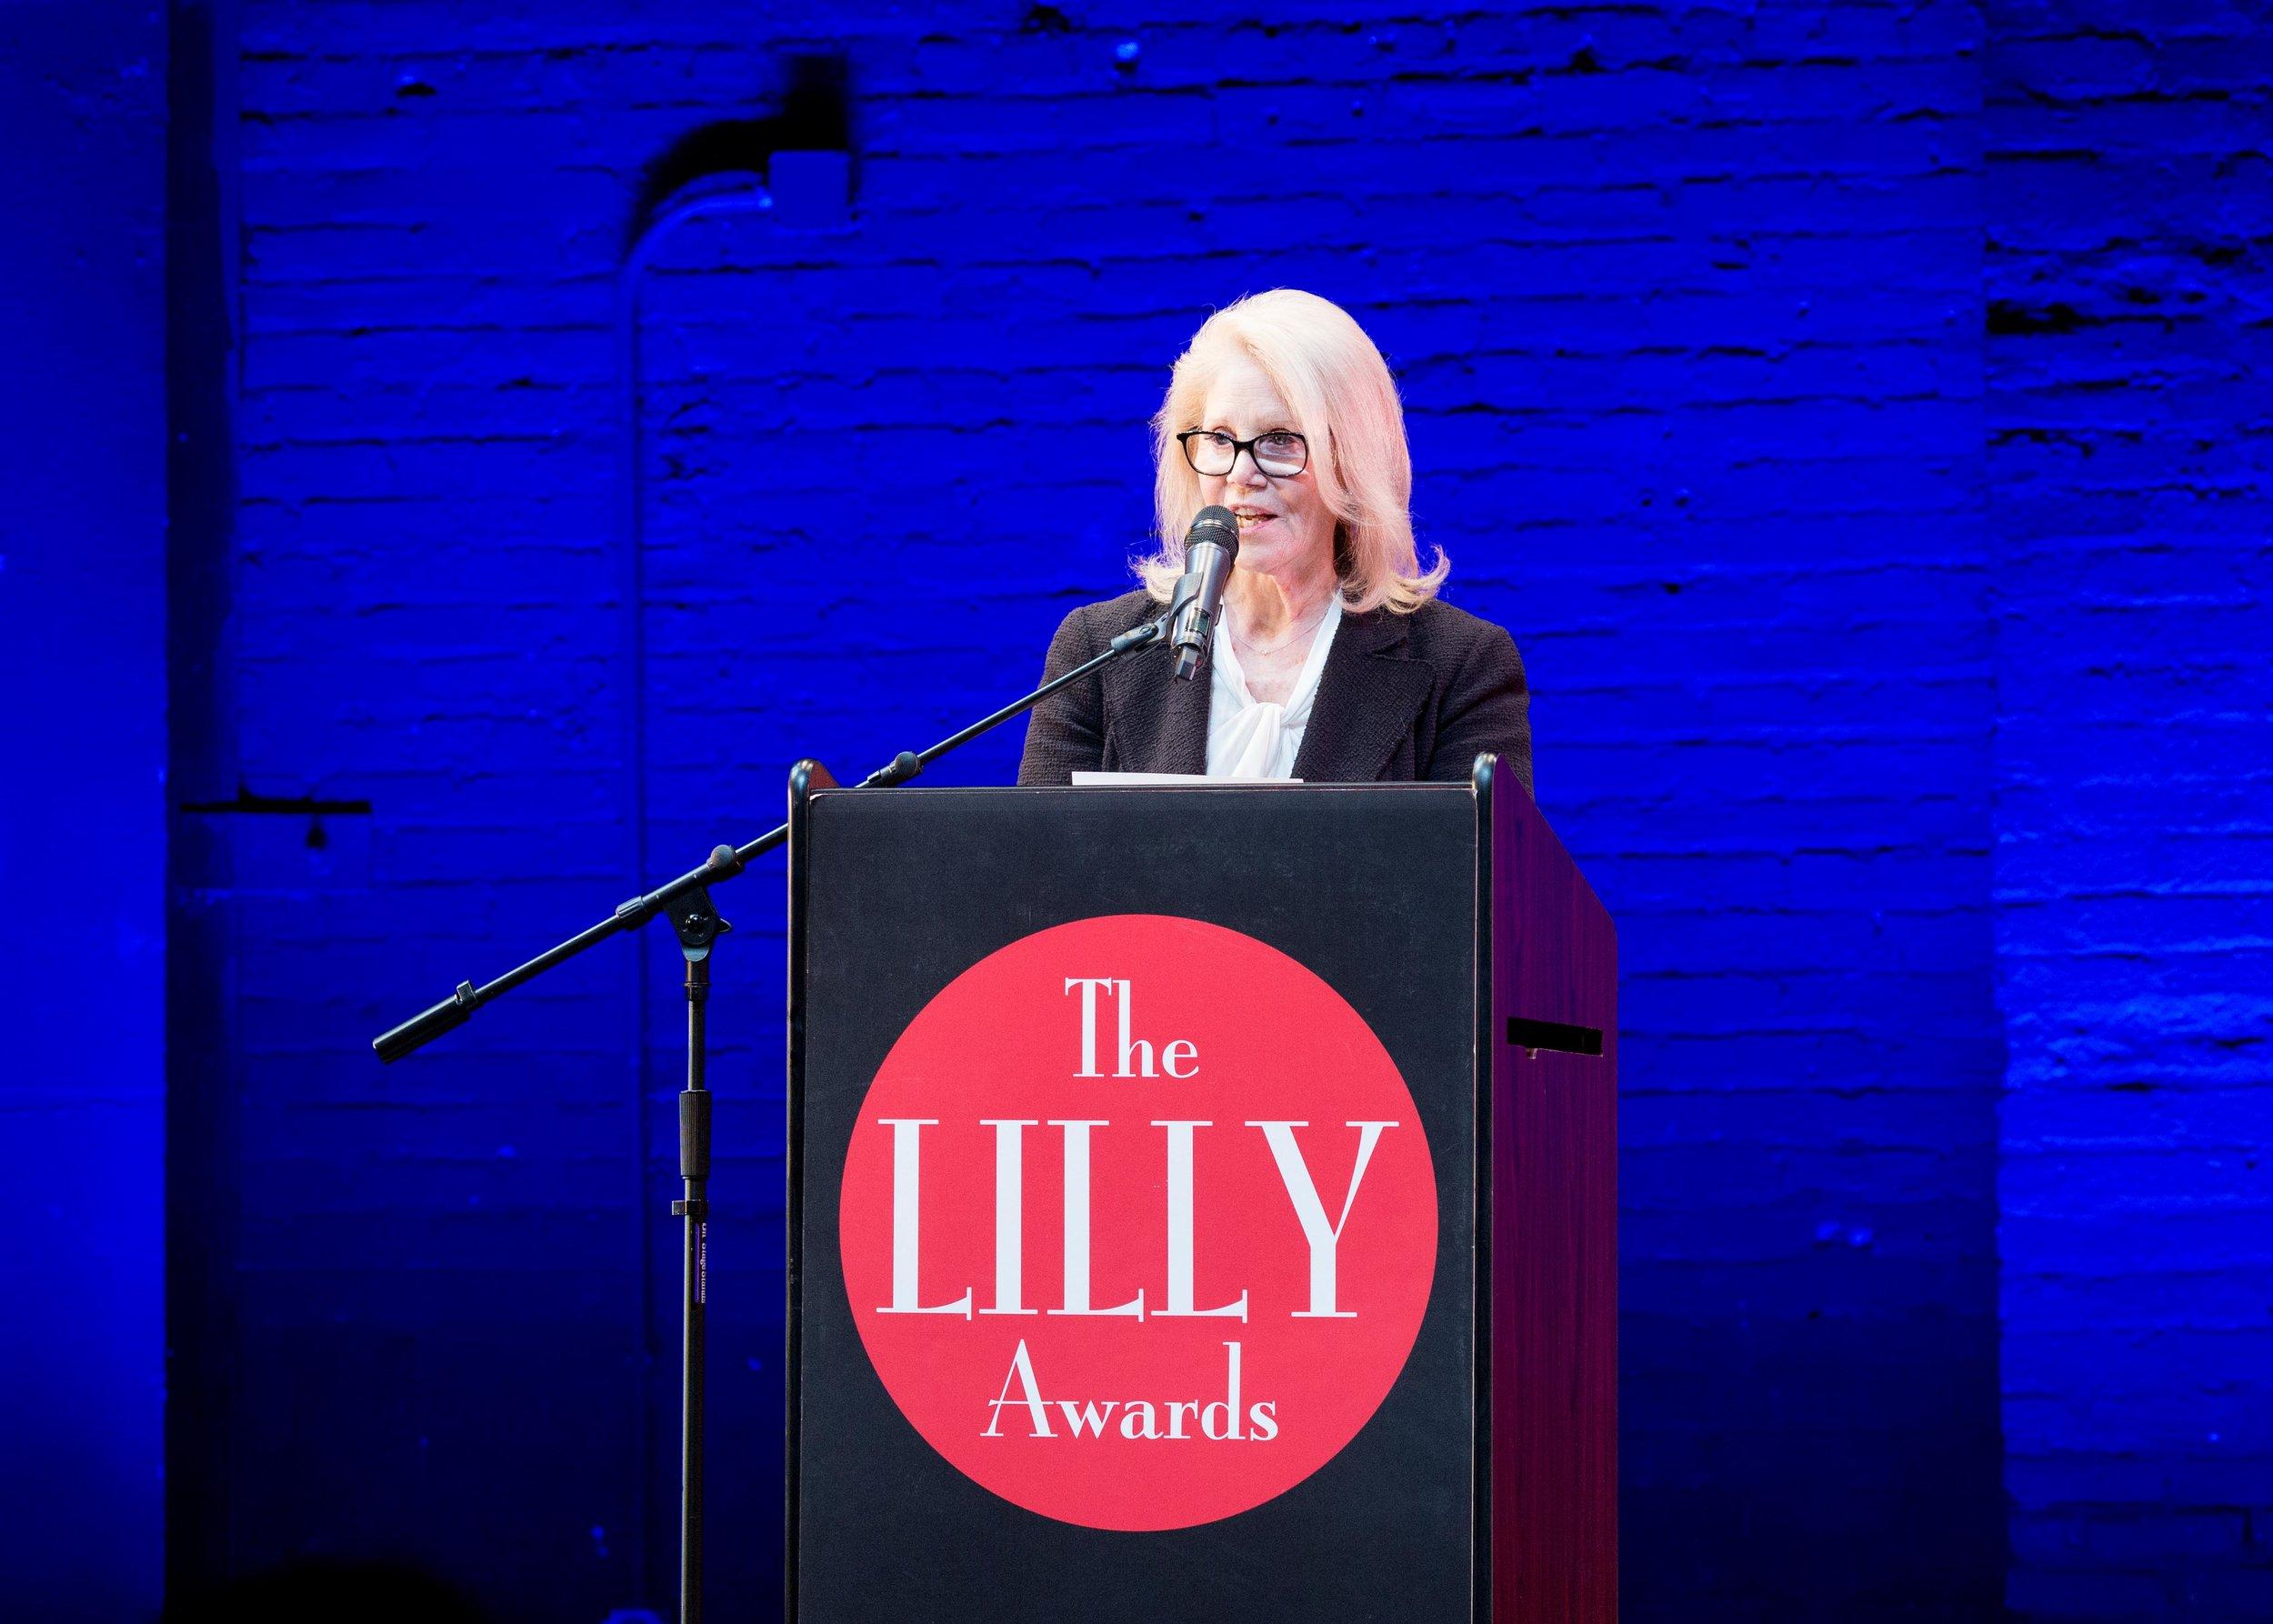 lilly awards 2018-021.jpg